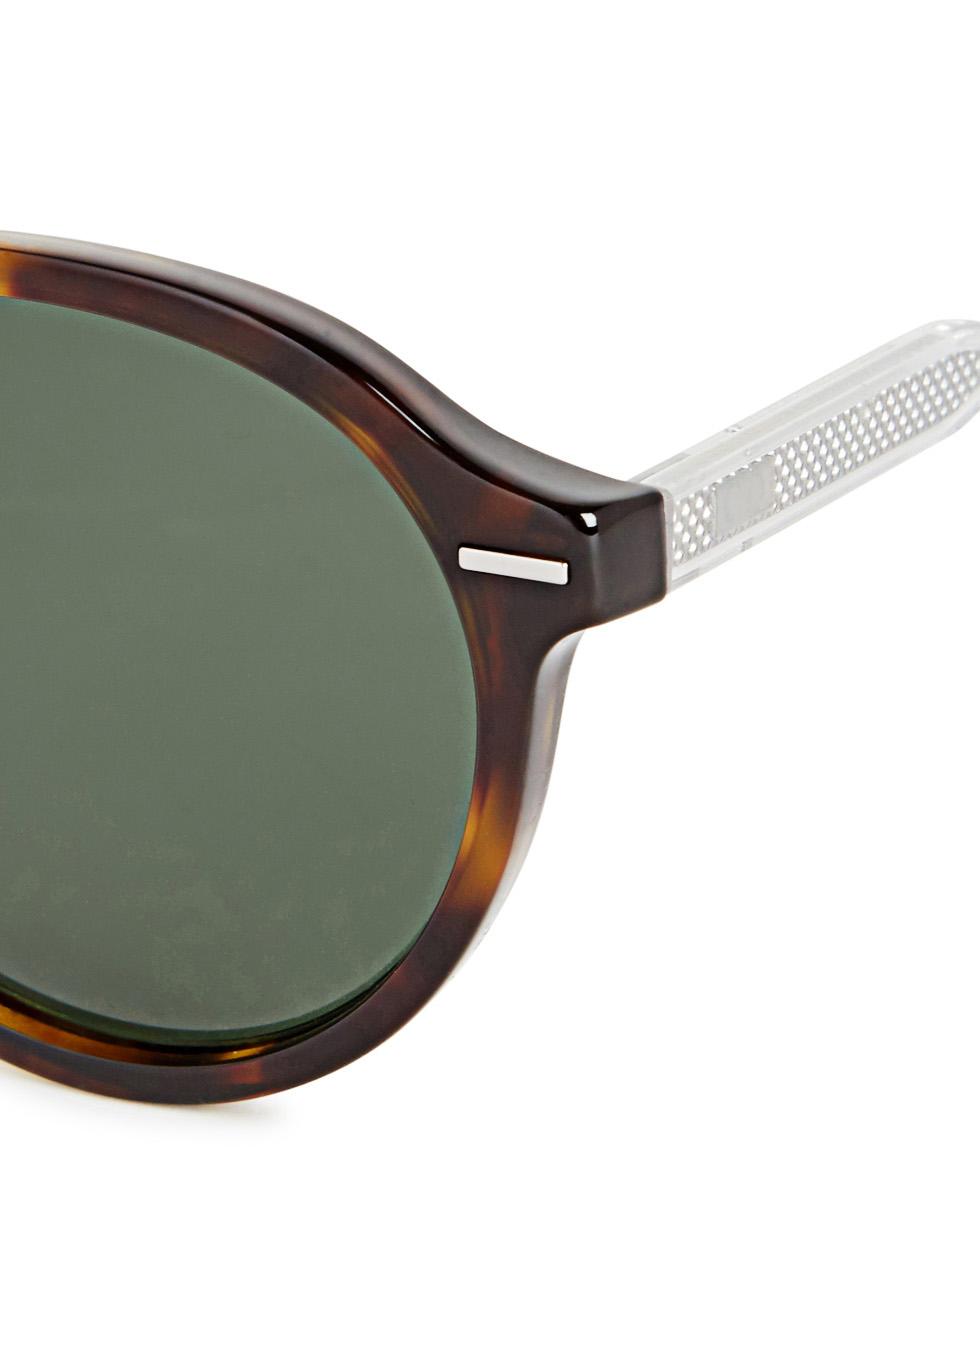 Diormotion2 round-frame sunglasses - Dior Homme